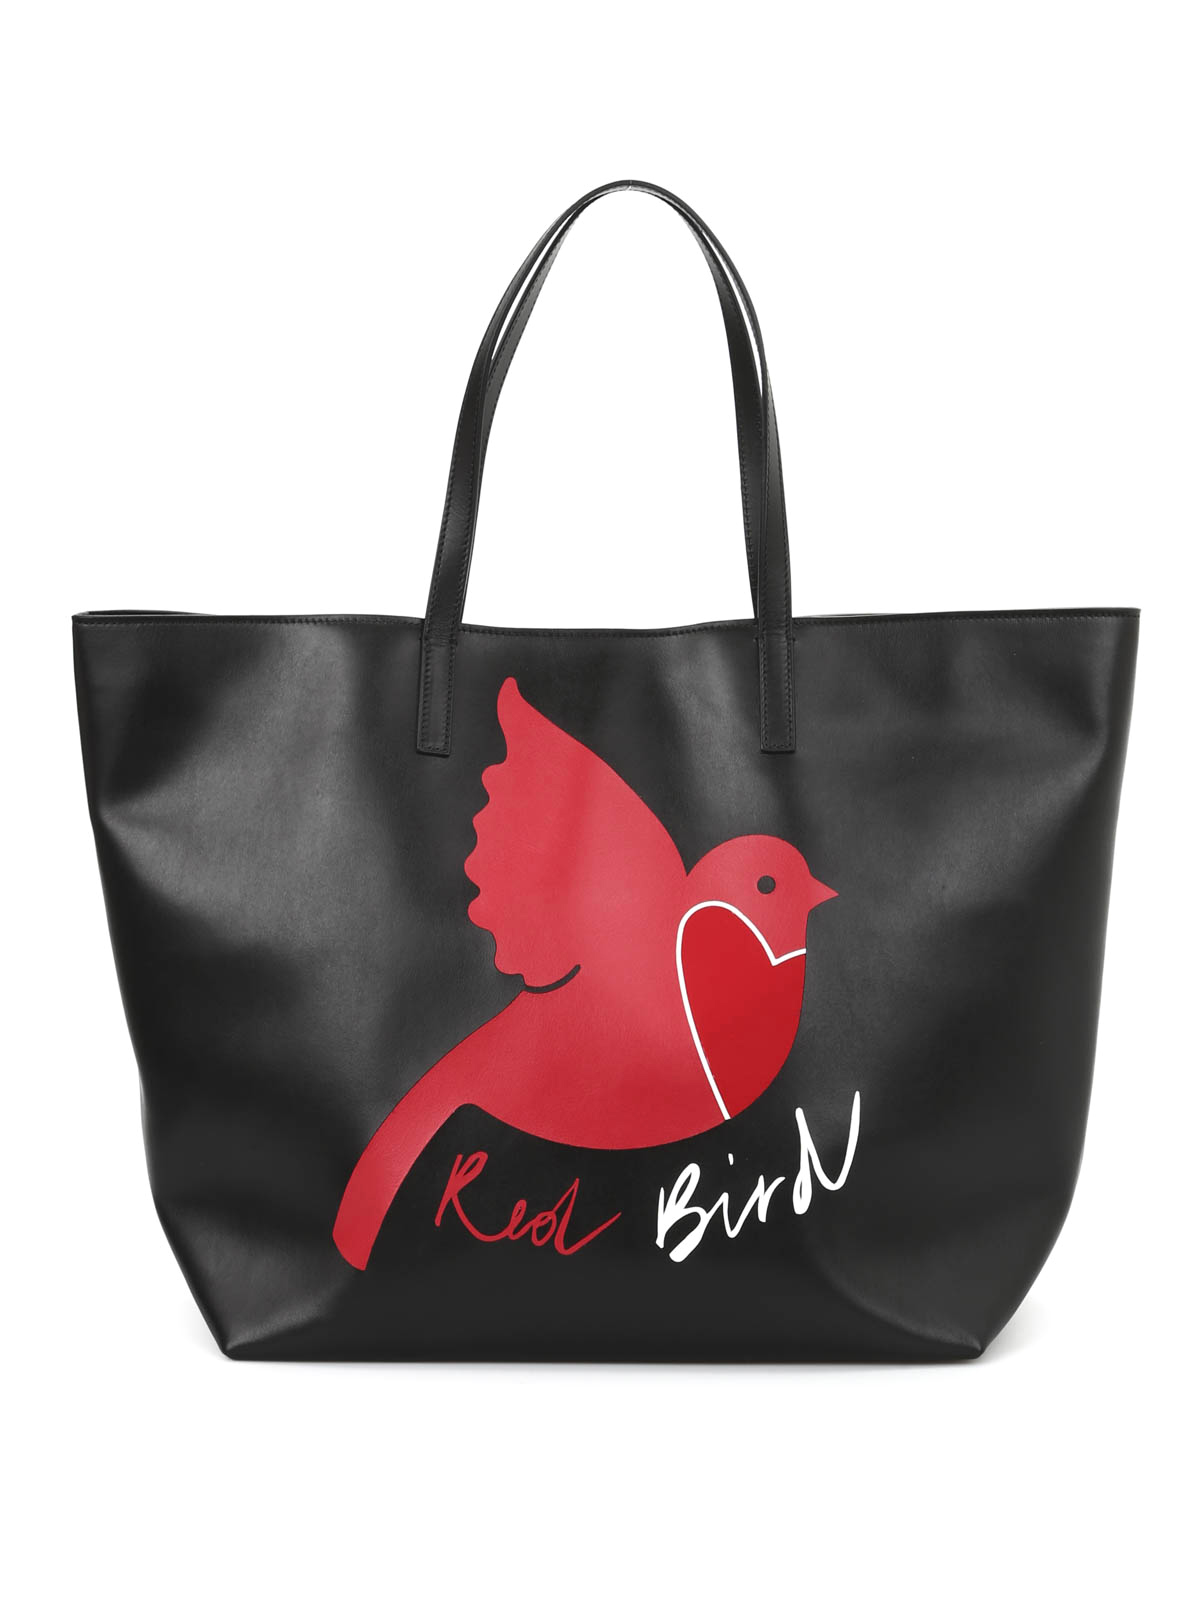 Valentino Red - Red Bird shopping bag - totes bags - KQ0B0631 VUC 0NO b29237bdb8a